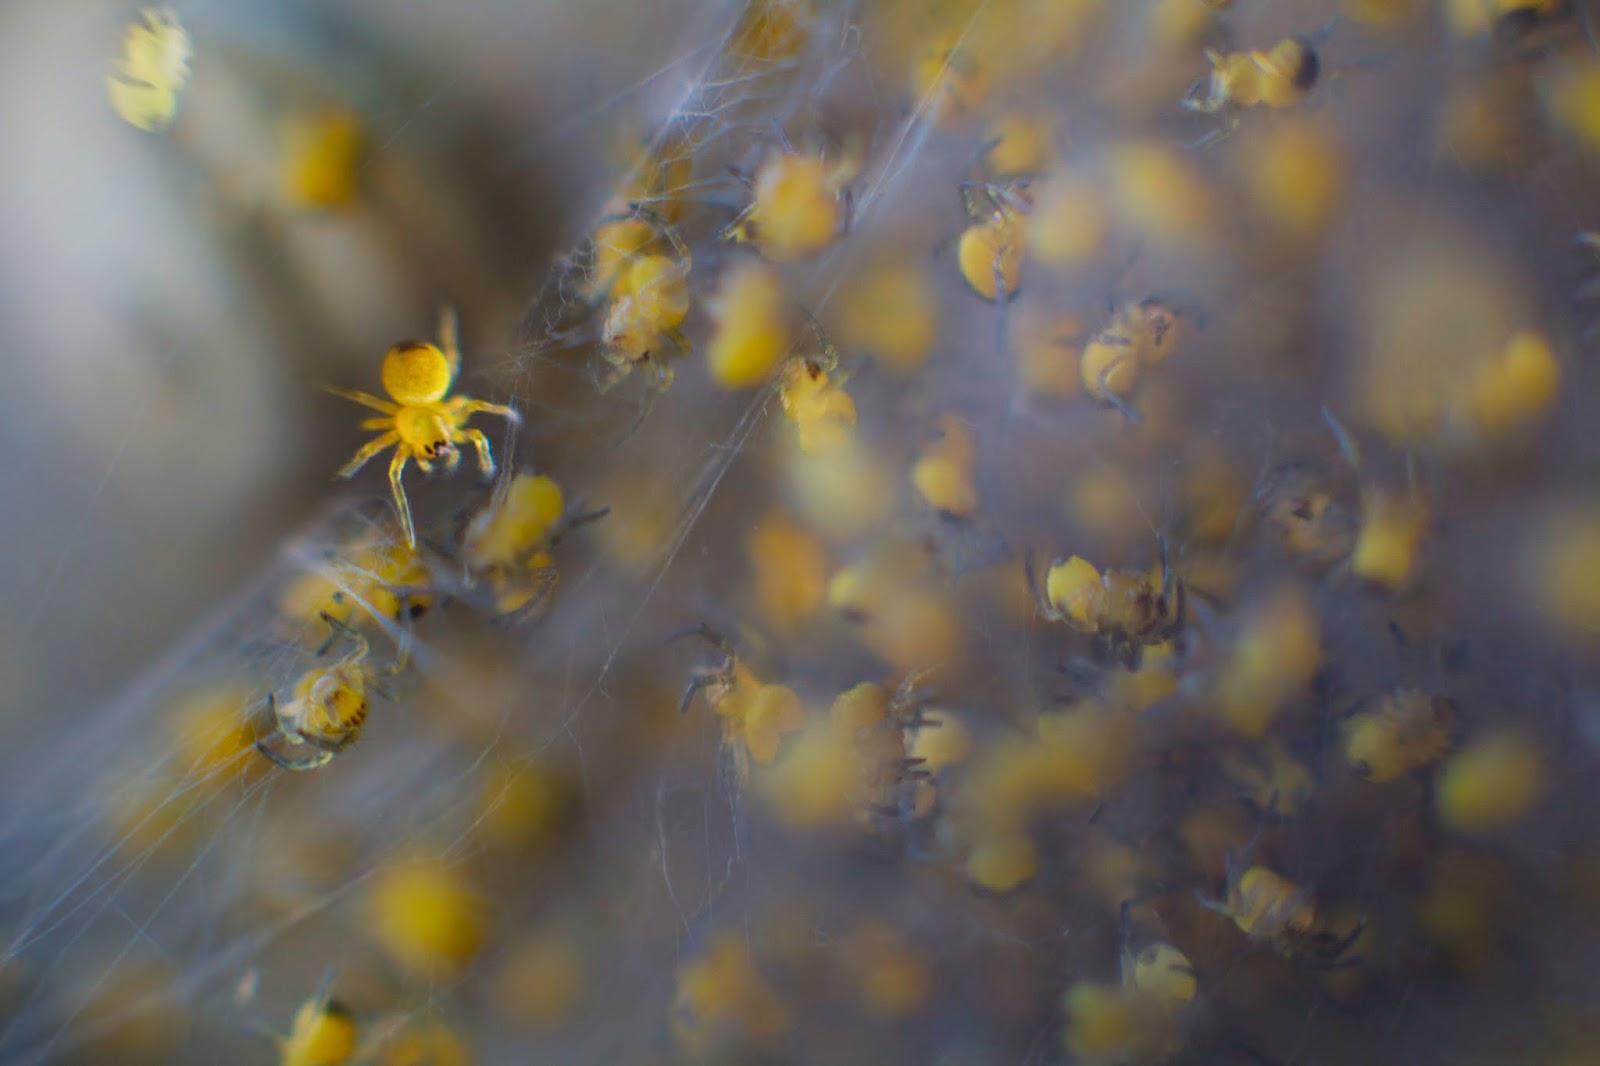 Detalle de un nido de arañas